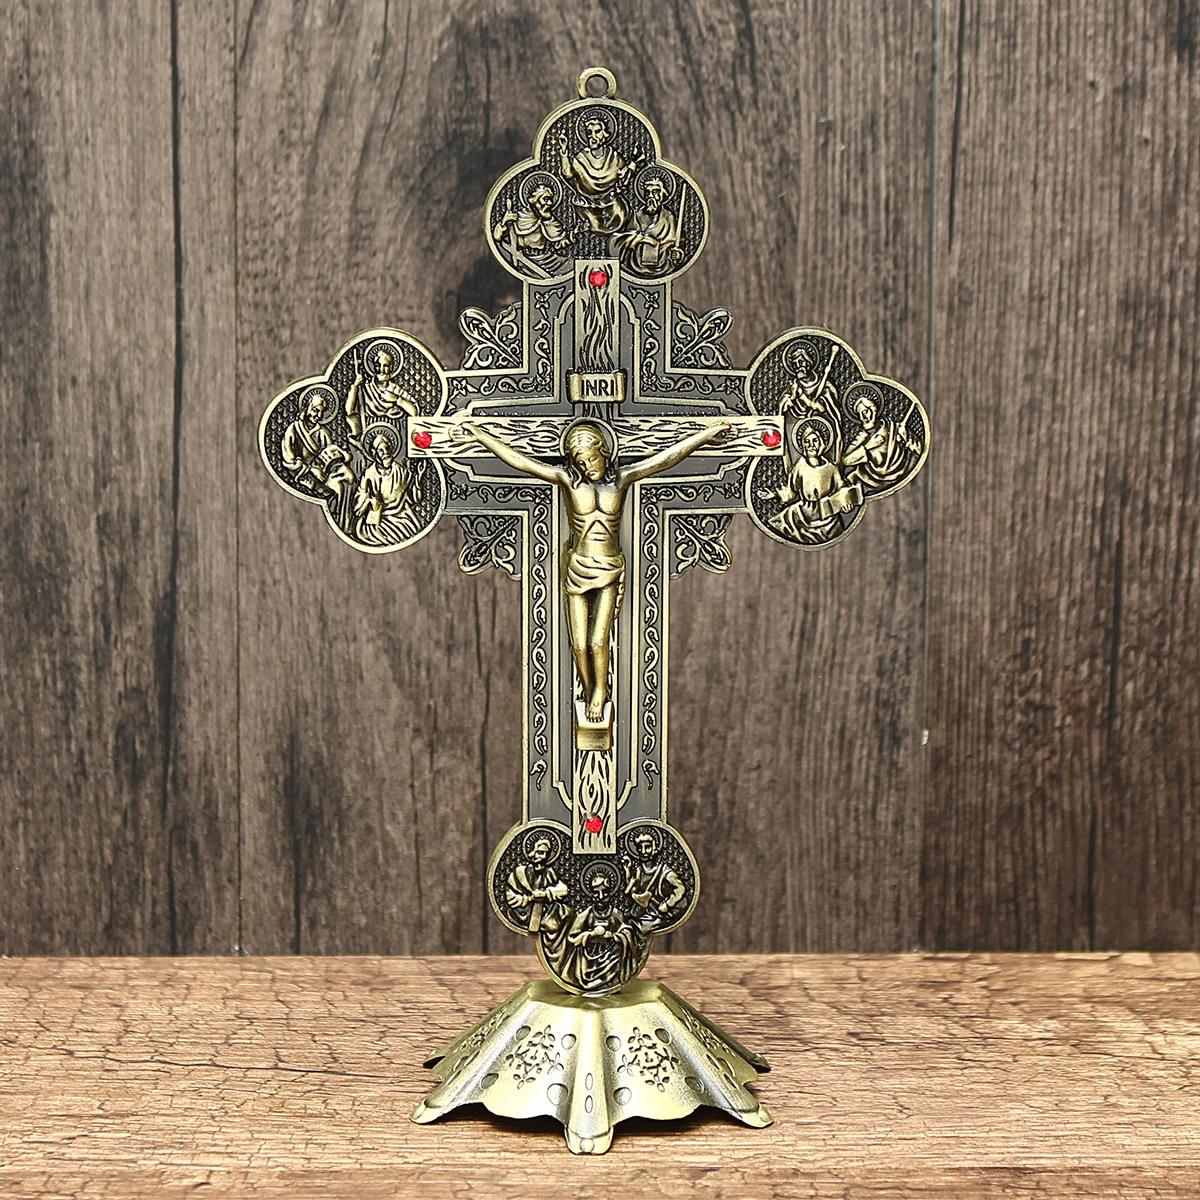 Ya.x Wooden Cross Iglesia Reliquias Crucifijo Jesucristo En El Soporte Cruz Crucifijo De La Pared Casa Antigua Capilla Decoració Back To Search Resultsjewelry & Accessories